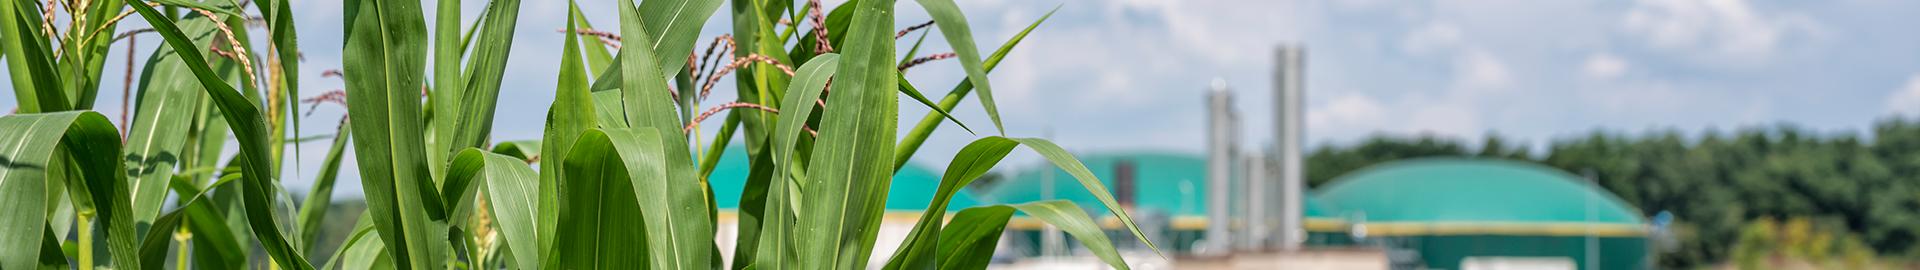 Maisfeld und im Hintegrund eine Biogasanlage